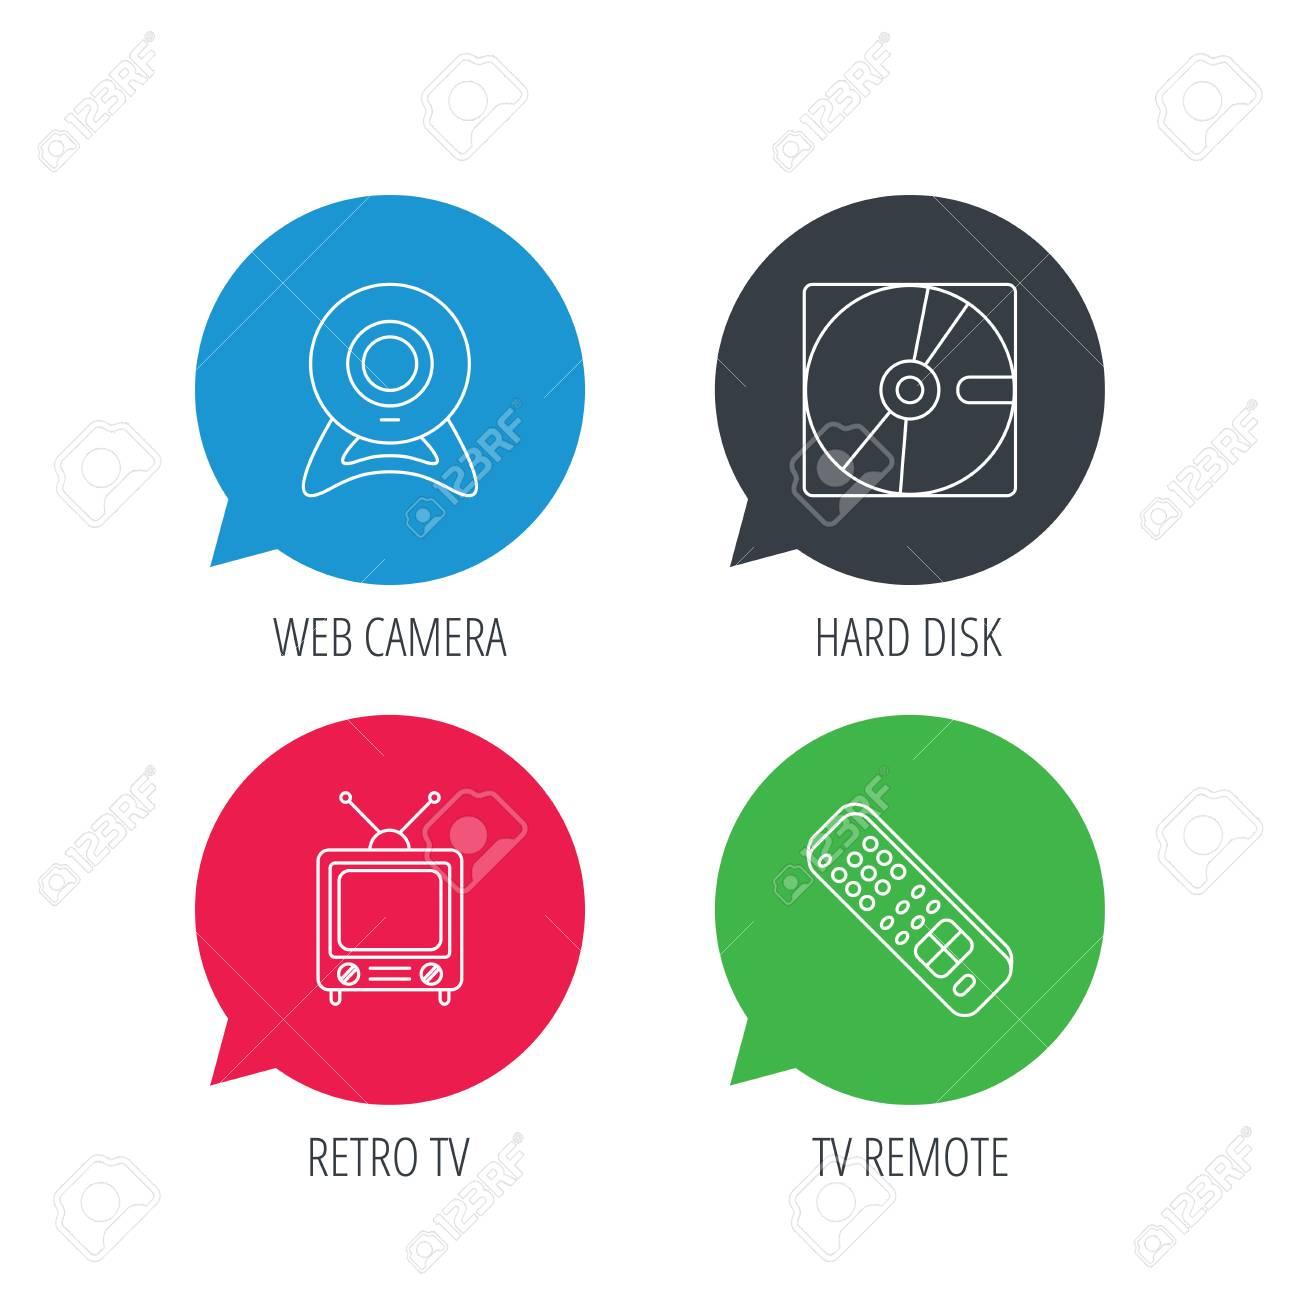 Burbujas De Discurso Coloreado Cámara Web Tv Retro E Iconos Del Disco Duro Signo Lineal Remoto De Tv Botones Web Planos Con Iconos Lineales Vector